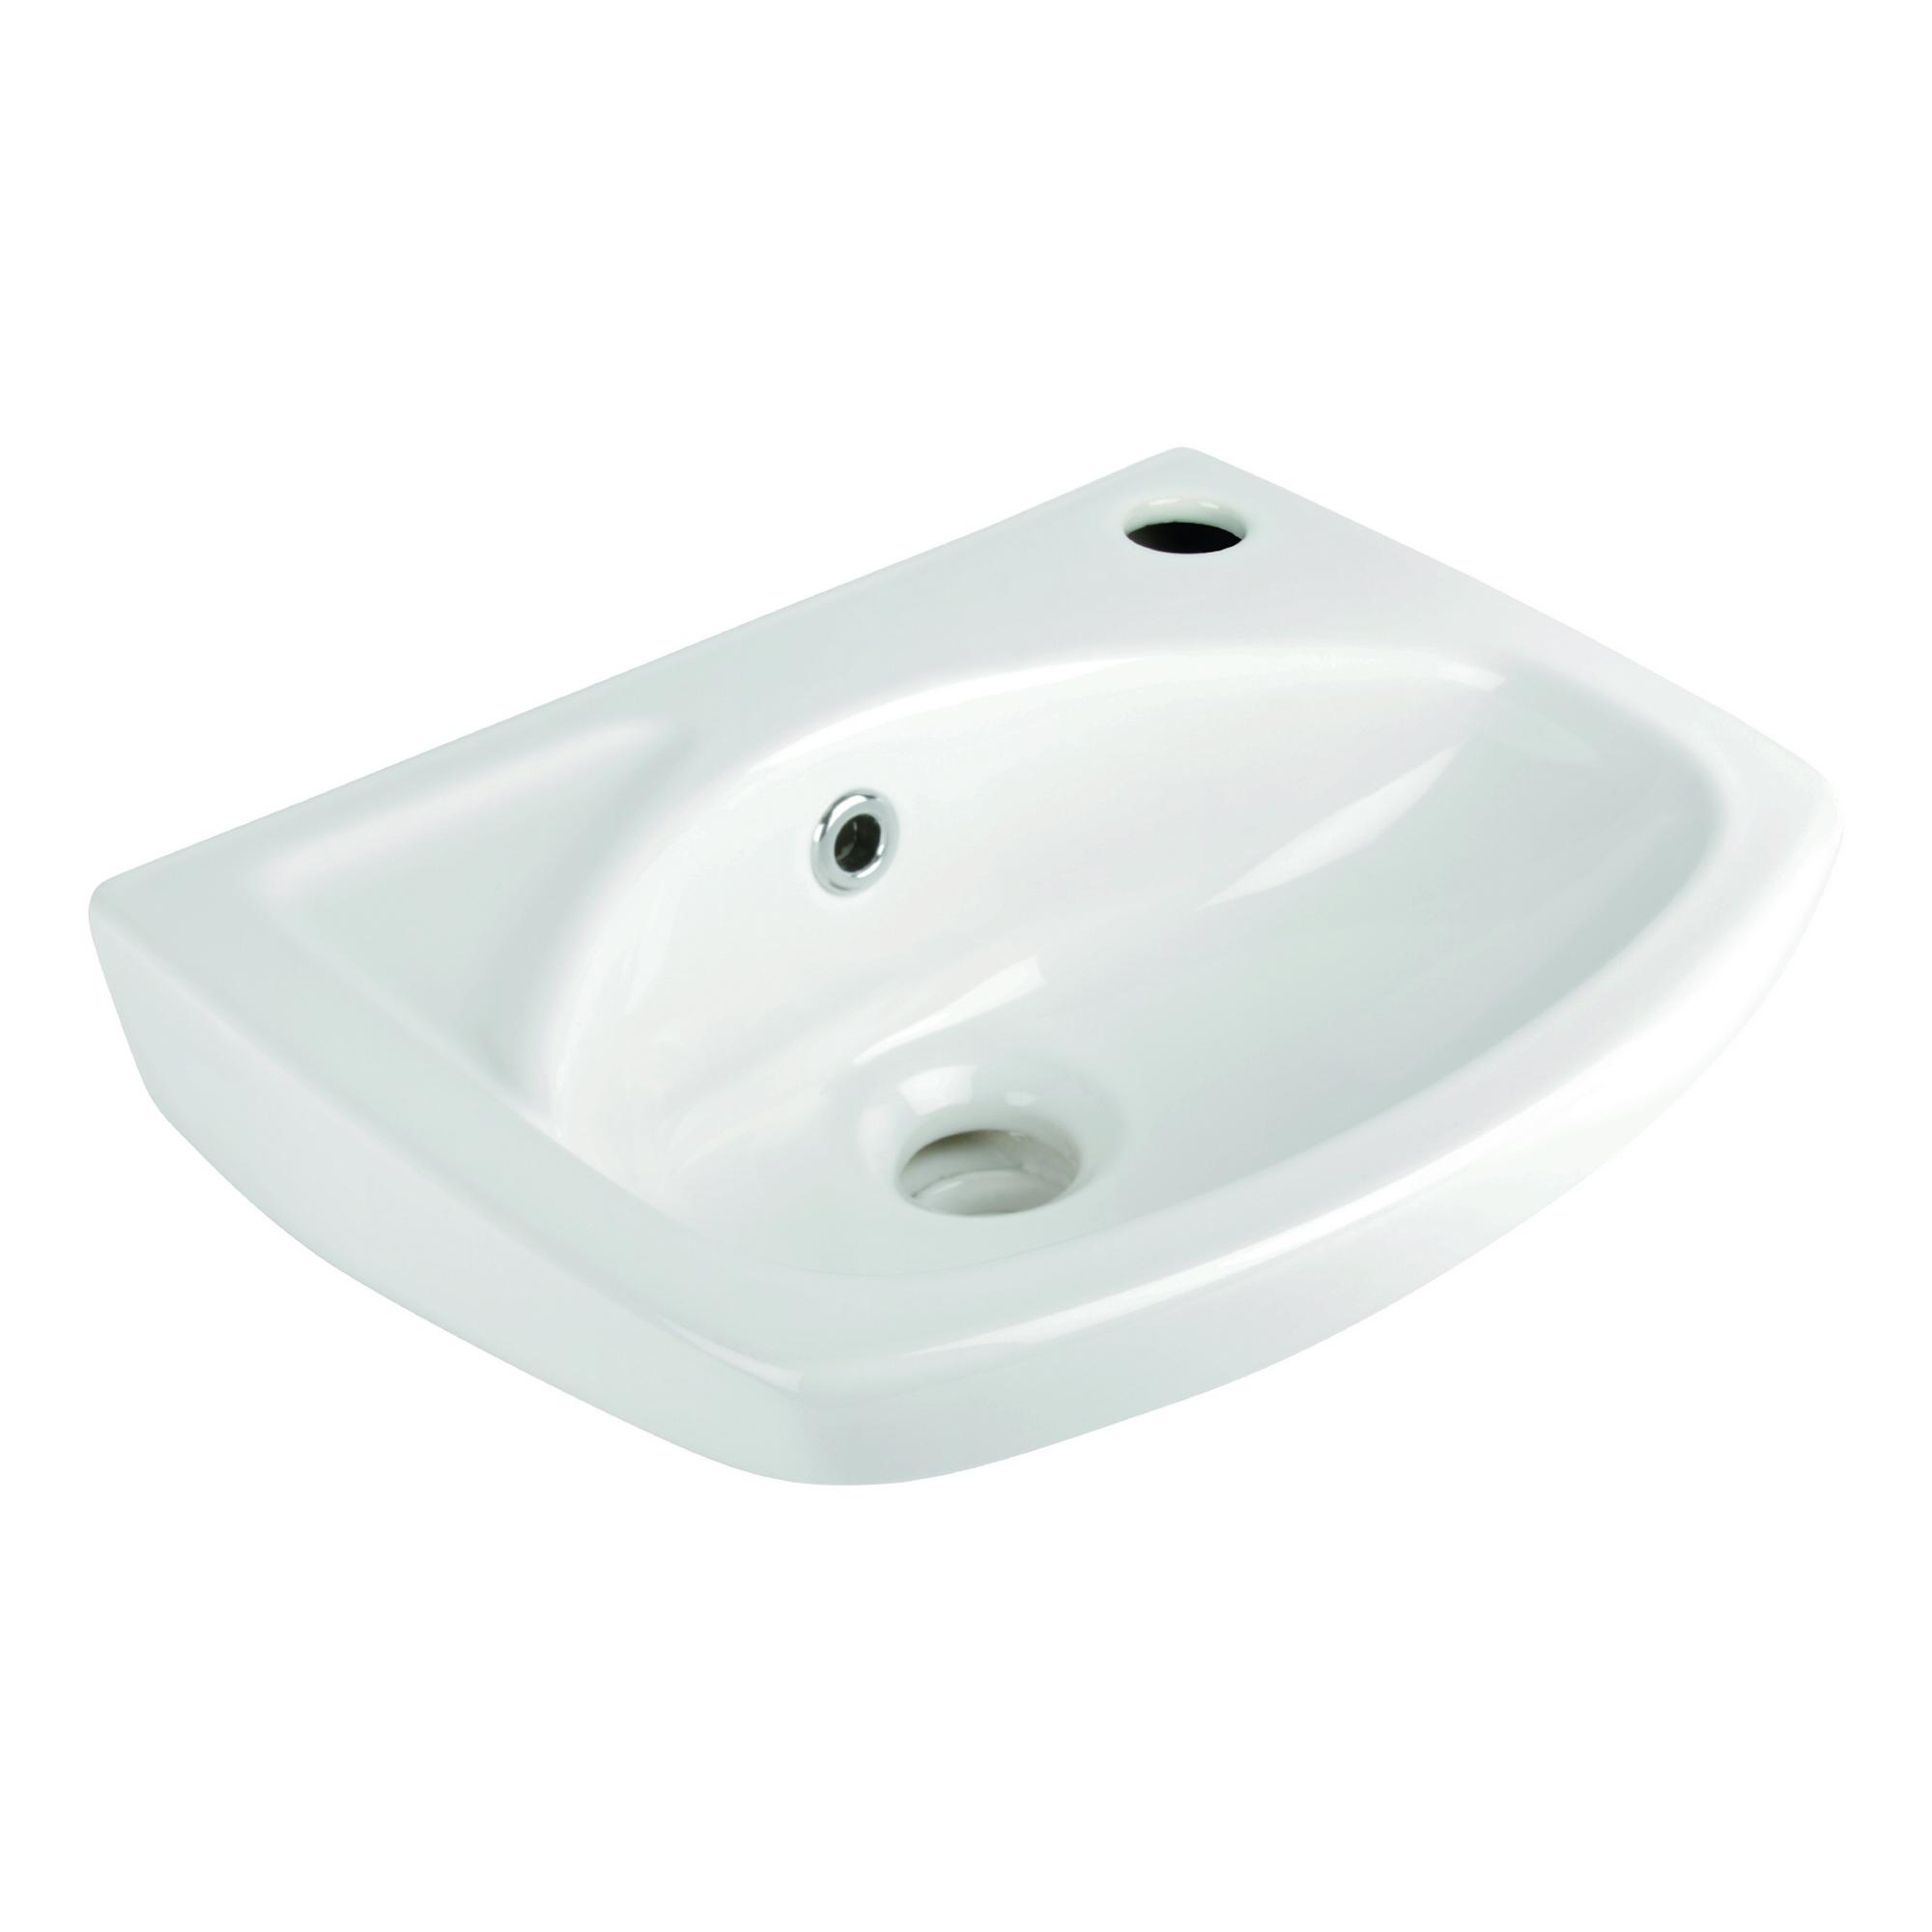 Image of AquaSu Lucanti Handwaschbecken 35 cm, Weiß